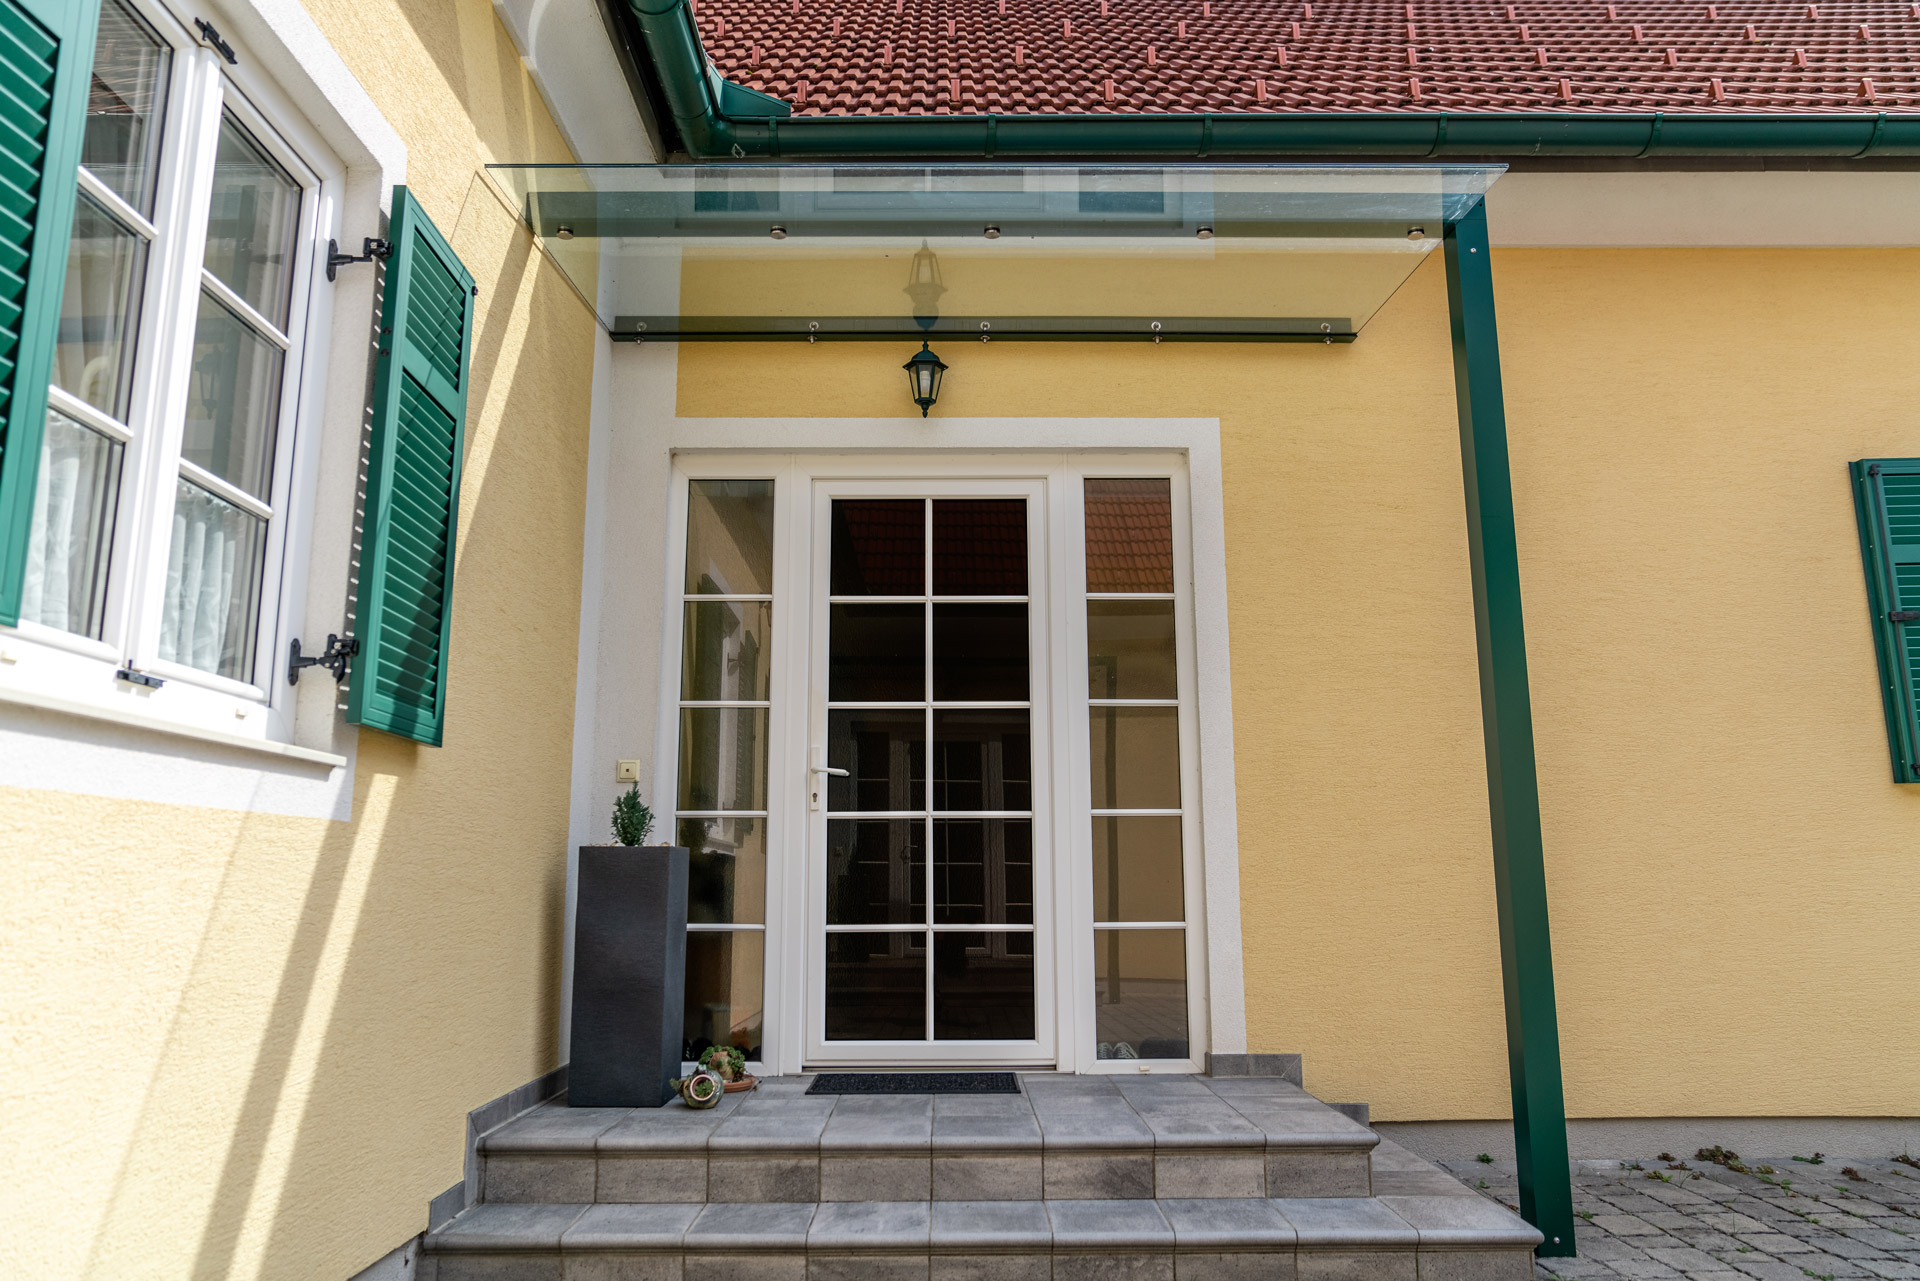 Vordach Alu 44 b | modernes Metall-Eingangsdach, mossgrün beschichtet mit Klarglas | Svoboda